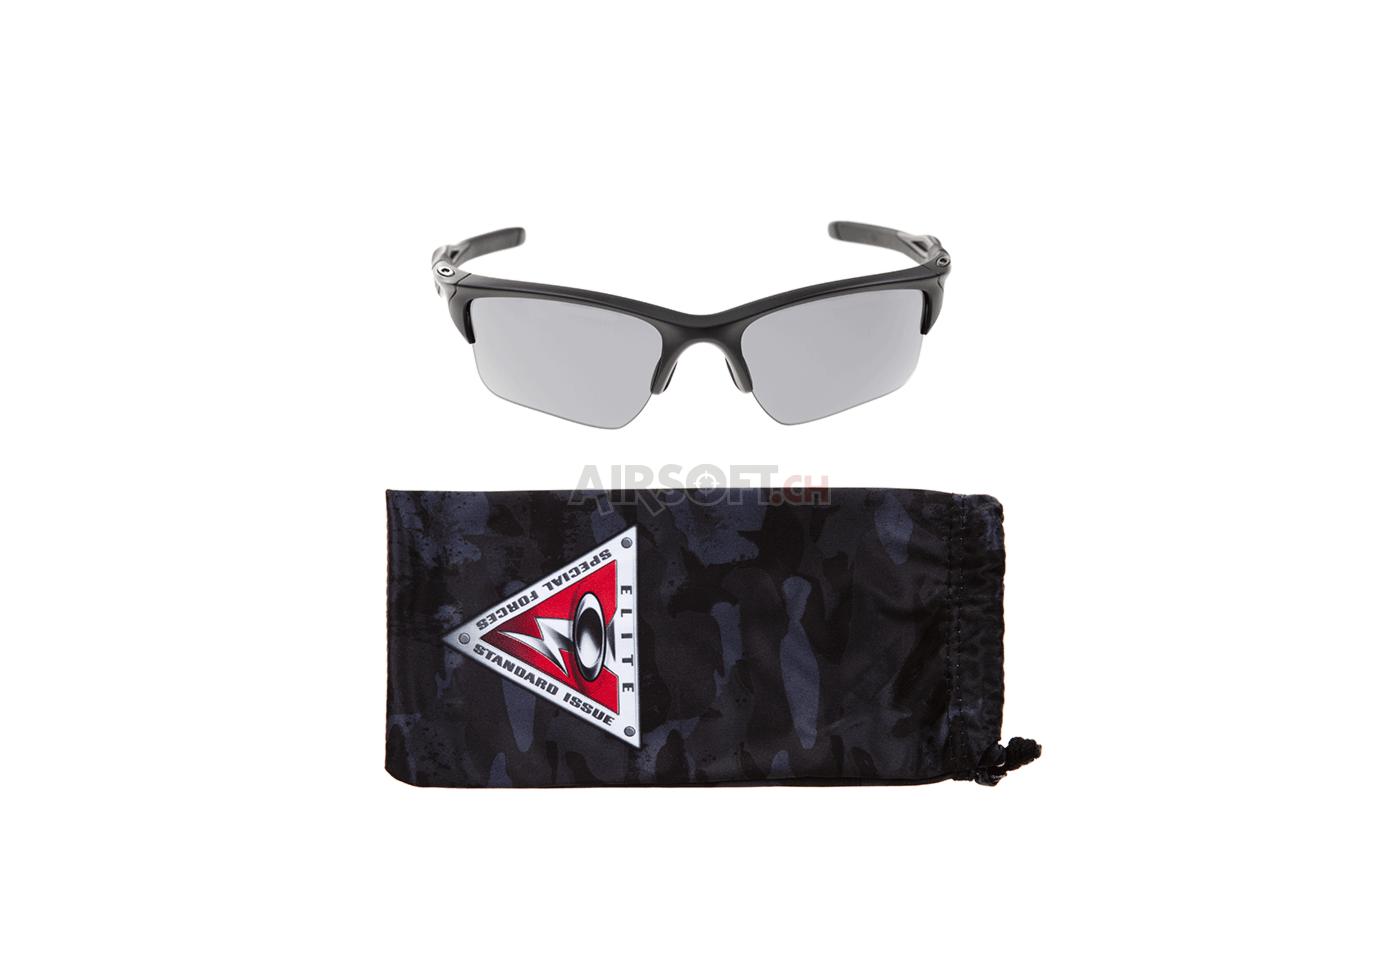 ee6564e779 SI Half Jacket 2.0 XL Black (Oakley) - Brillen - Schutzbrillen -  Schutzausrüstung - airsoft.ch Onlineshop